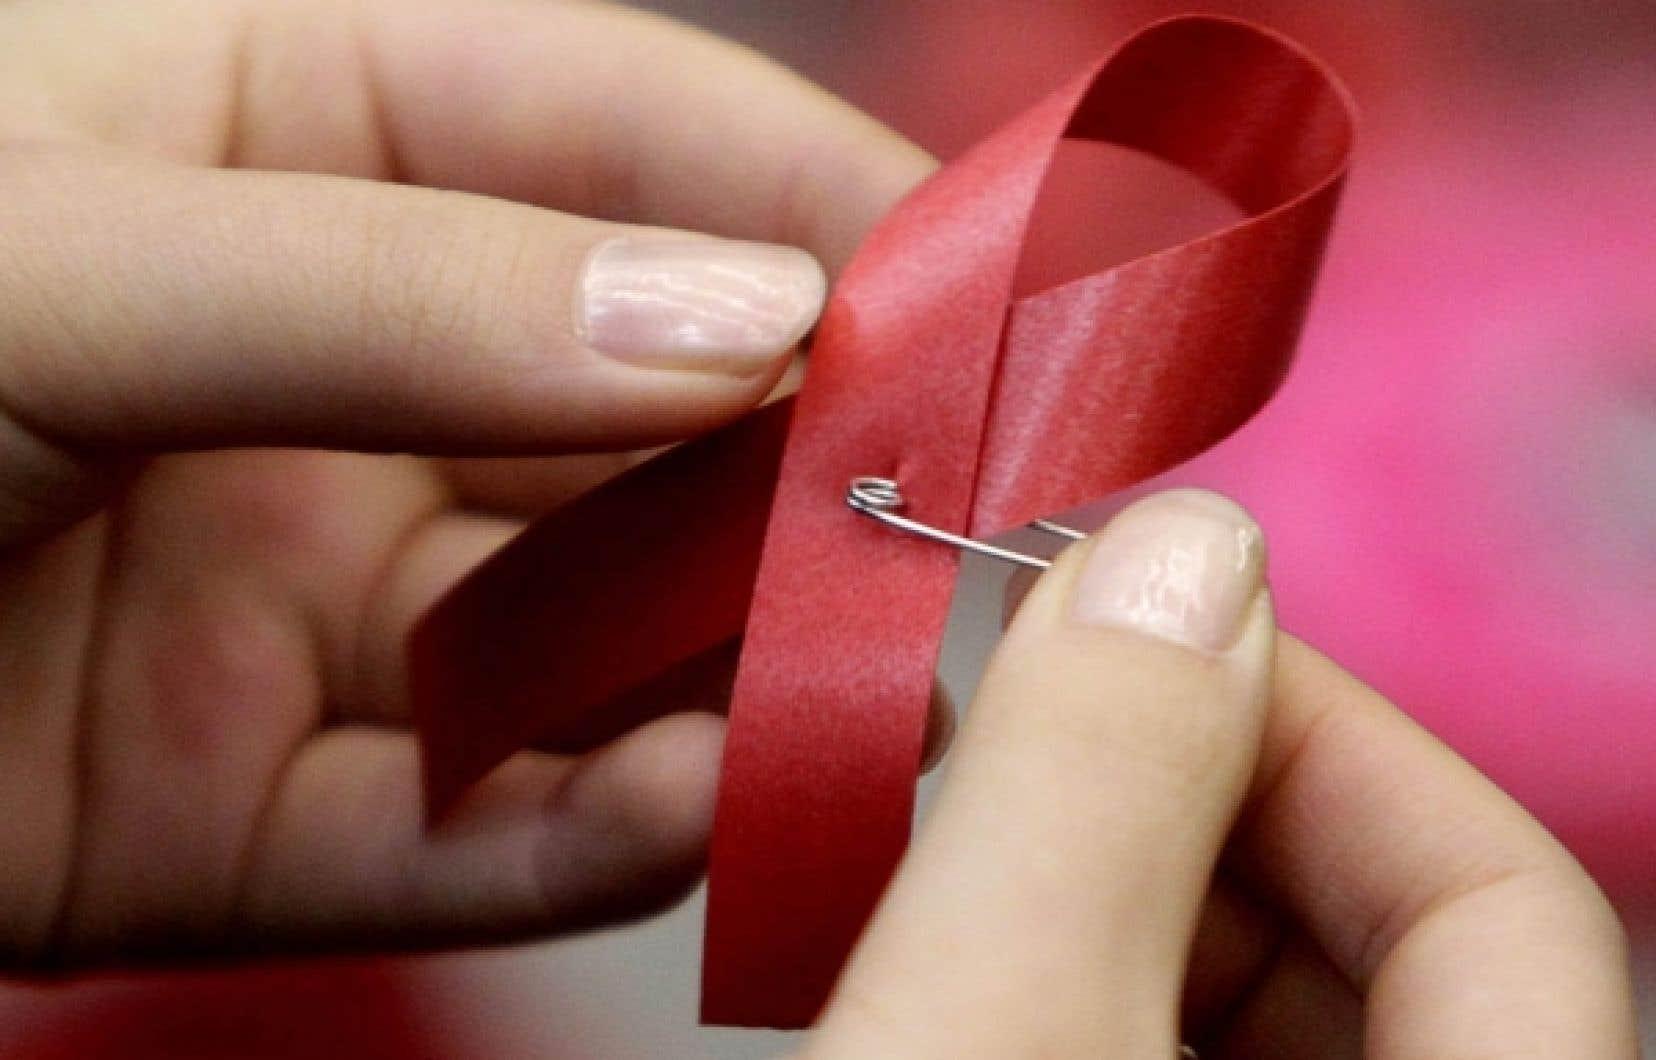 De fa&ccedil;on ironique, le droit canadien se trouve oppos&eacute; &agrave; la pr&eacute;vention du VIH, qui depuis 25 ans promeut l&rsquo;id&eacute;e que nous sommes tous et toutes vuln&eacute;rables &agrave; la transmission du virus.<br />